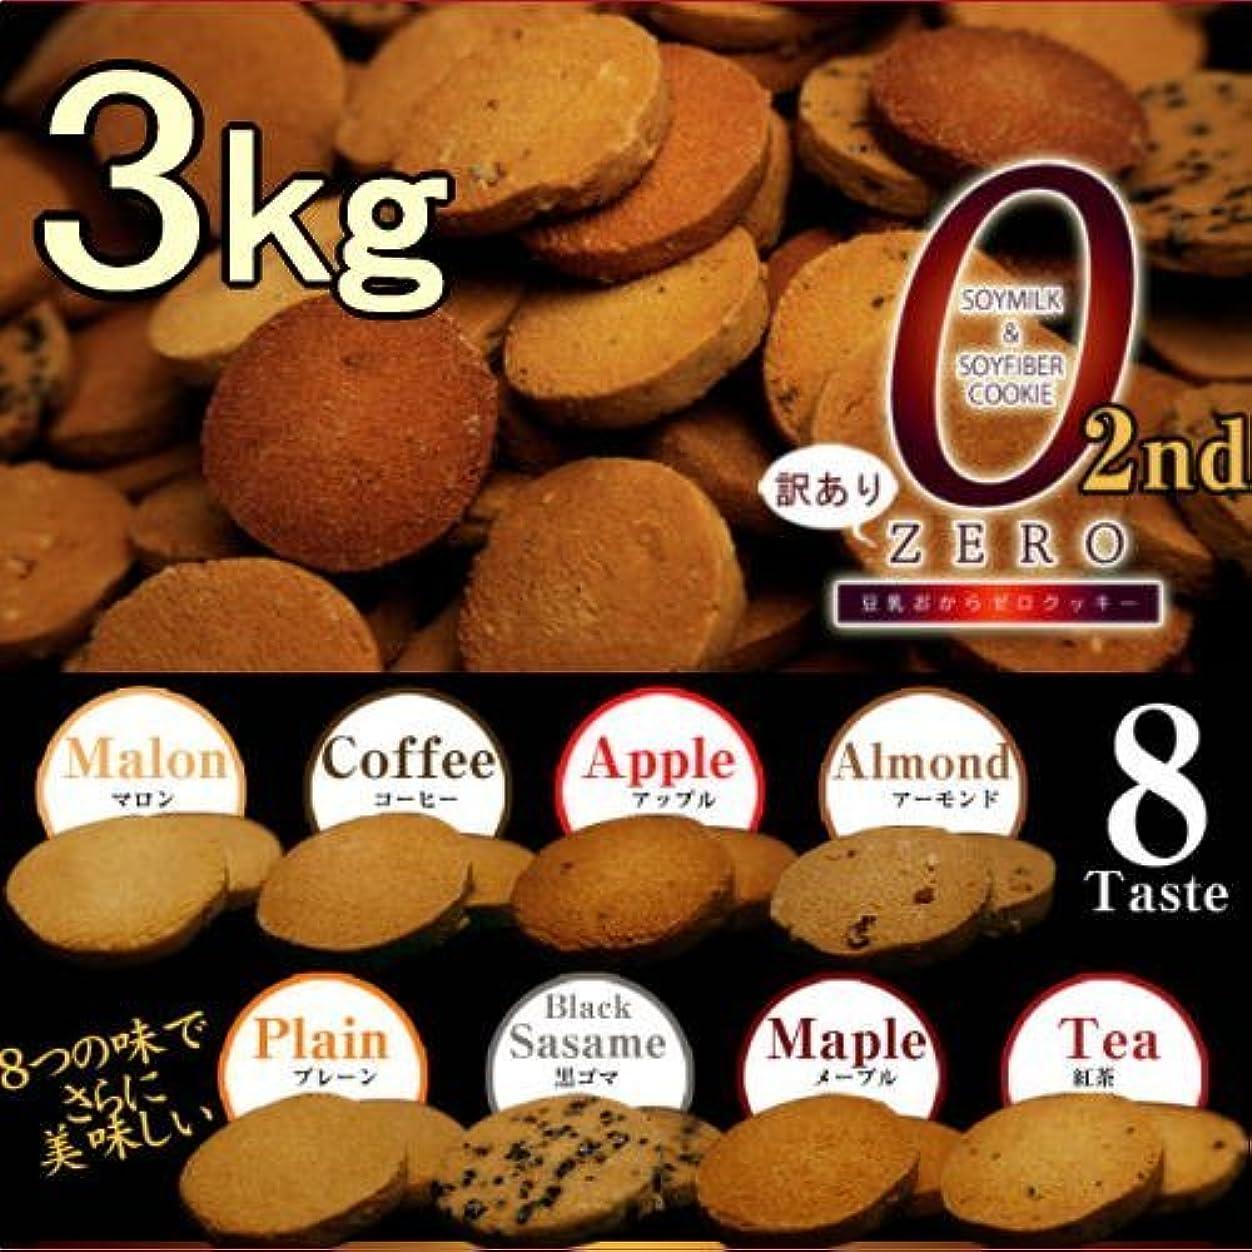 本物バケツ品訳あり豆乳おからゼロクッキー2nd(ドーンと1kg×3箱セット)